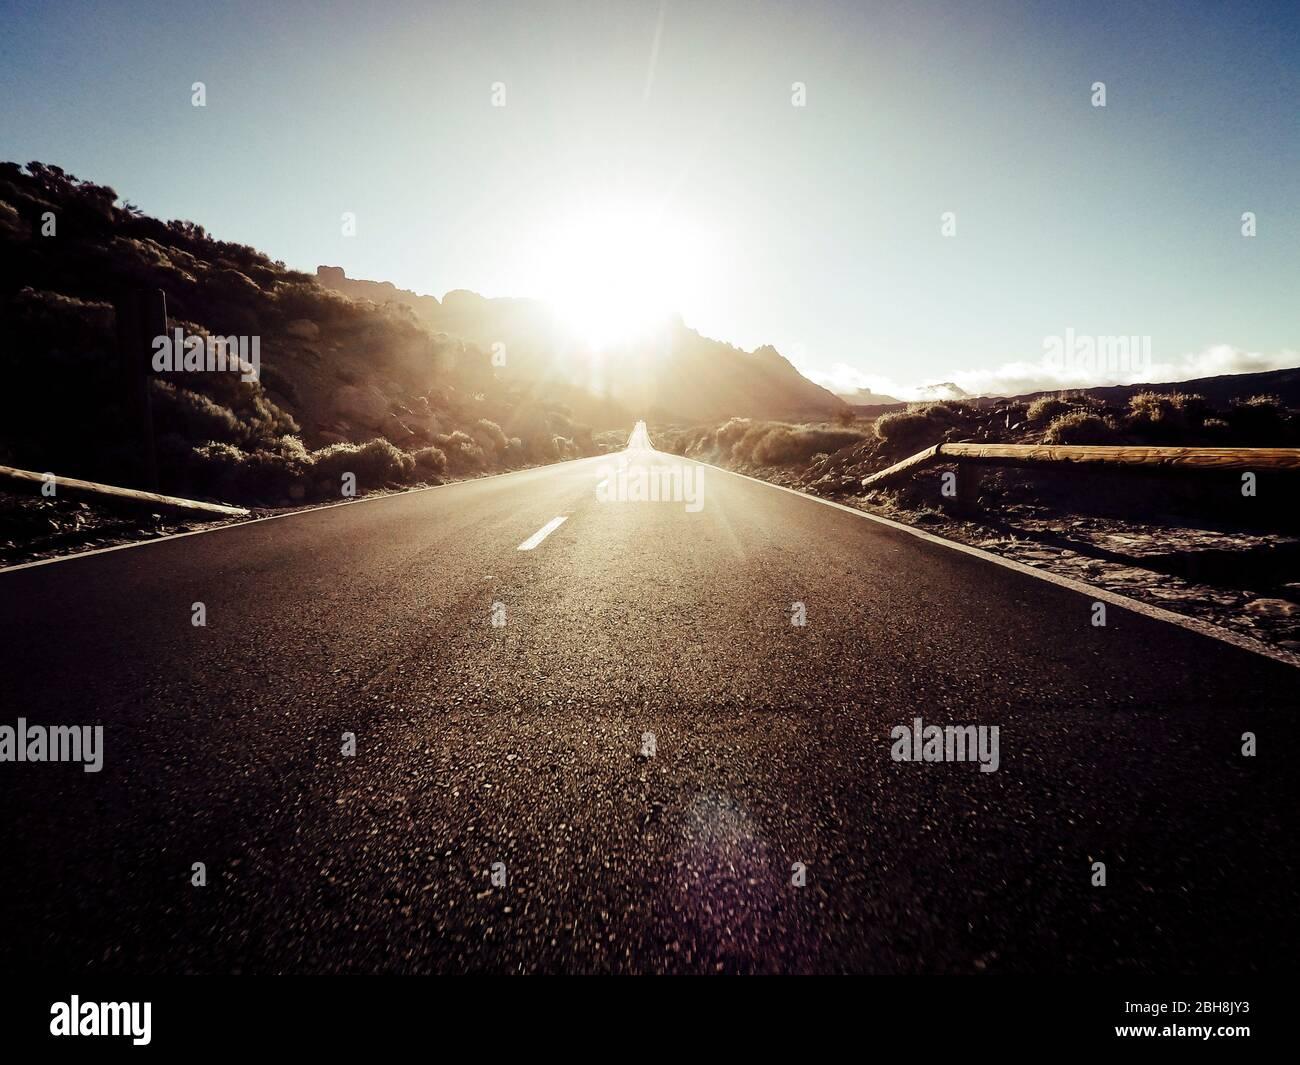 Lange Straße am Berg mit Sonne vor und Sonneneinstrahlung - Bodensicht mit schwarzem Asphalt und weißen Linien - Fahr- und Reisekonzept Stockfoto